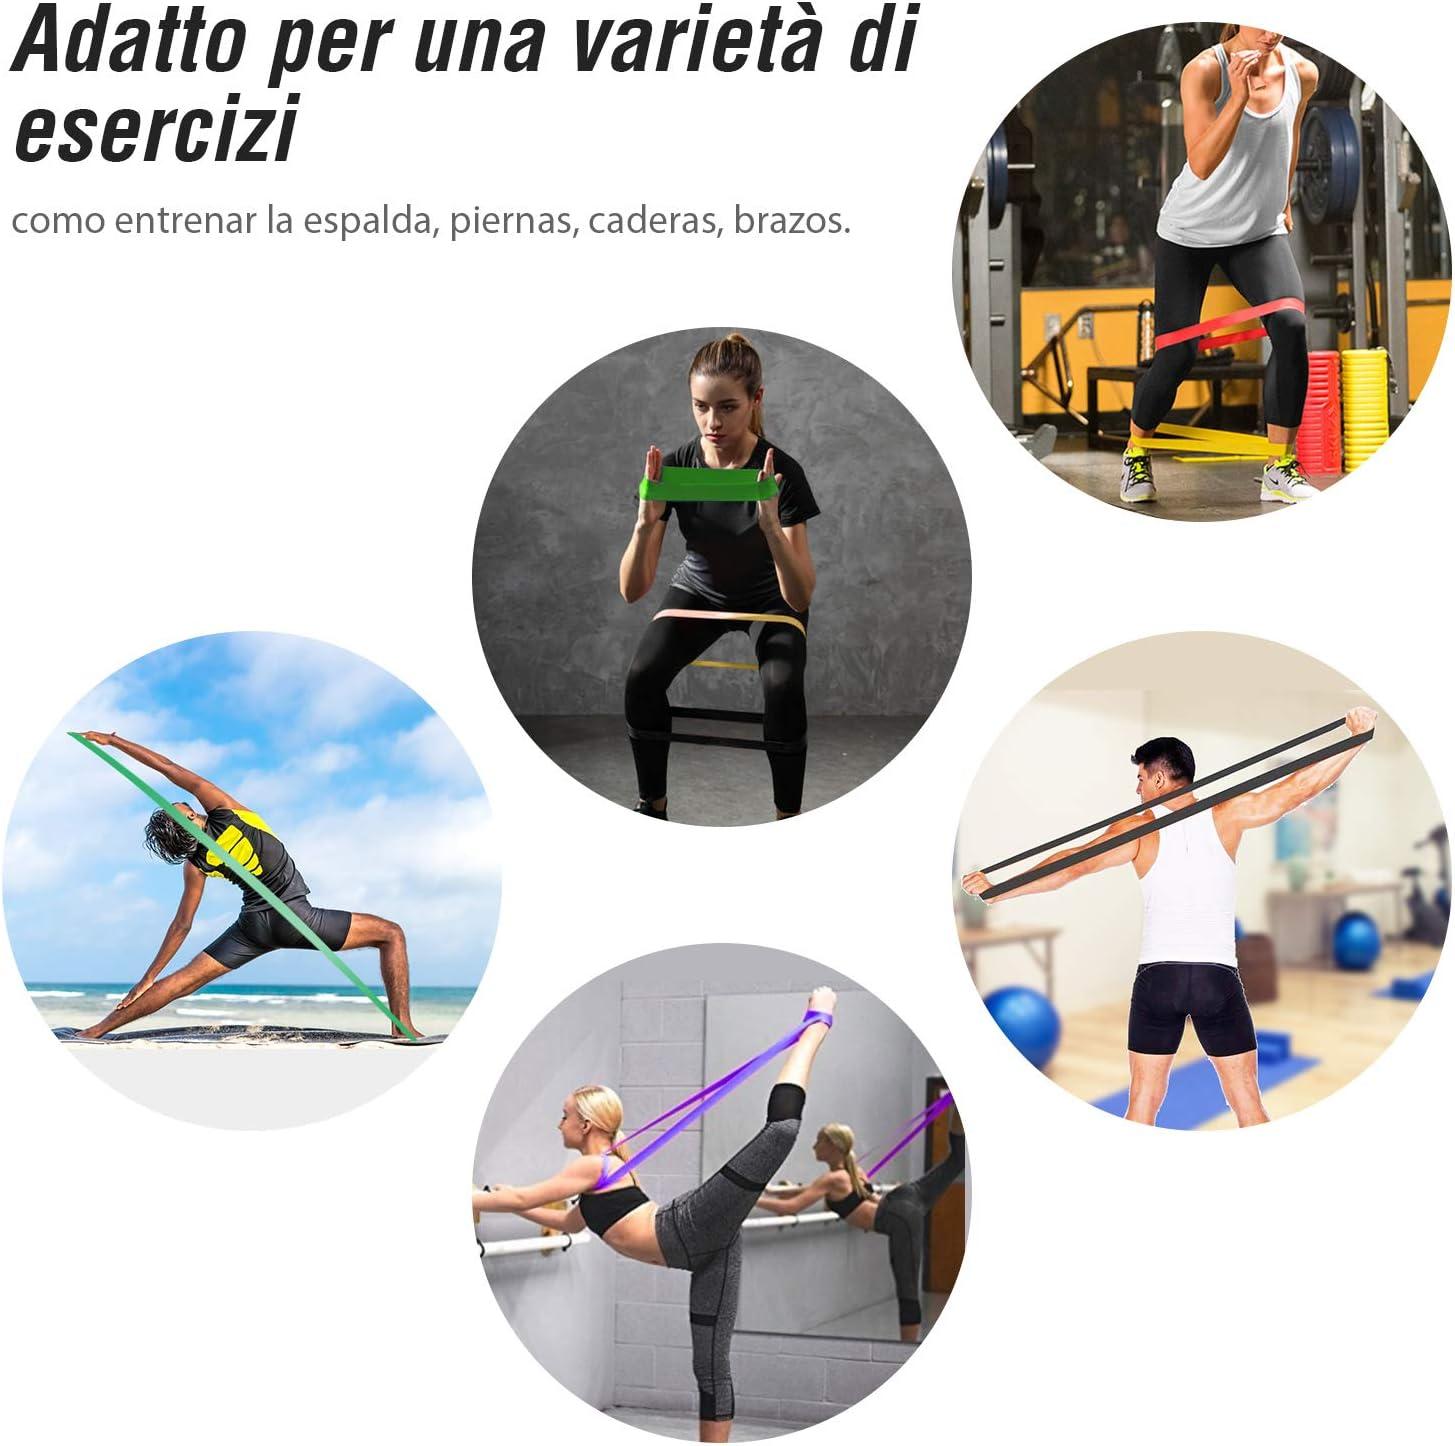 Zacro 5pcs Banda de Resistencia,Bandas Elasticas de Fitness Premium al Látex Natural para Entrenamiento de Fuerza, Estiramiento, Pilates, Yoga, ...